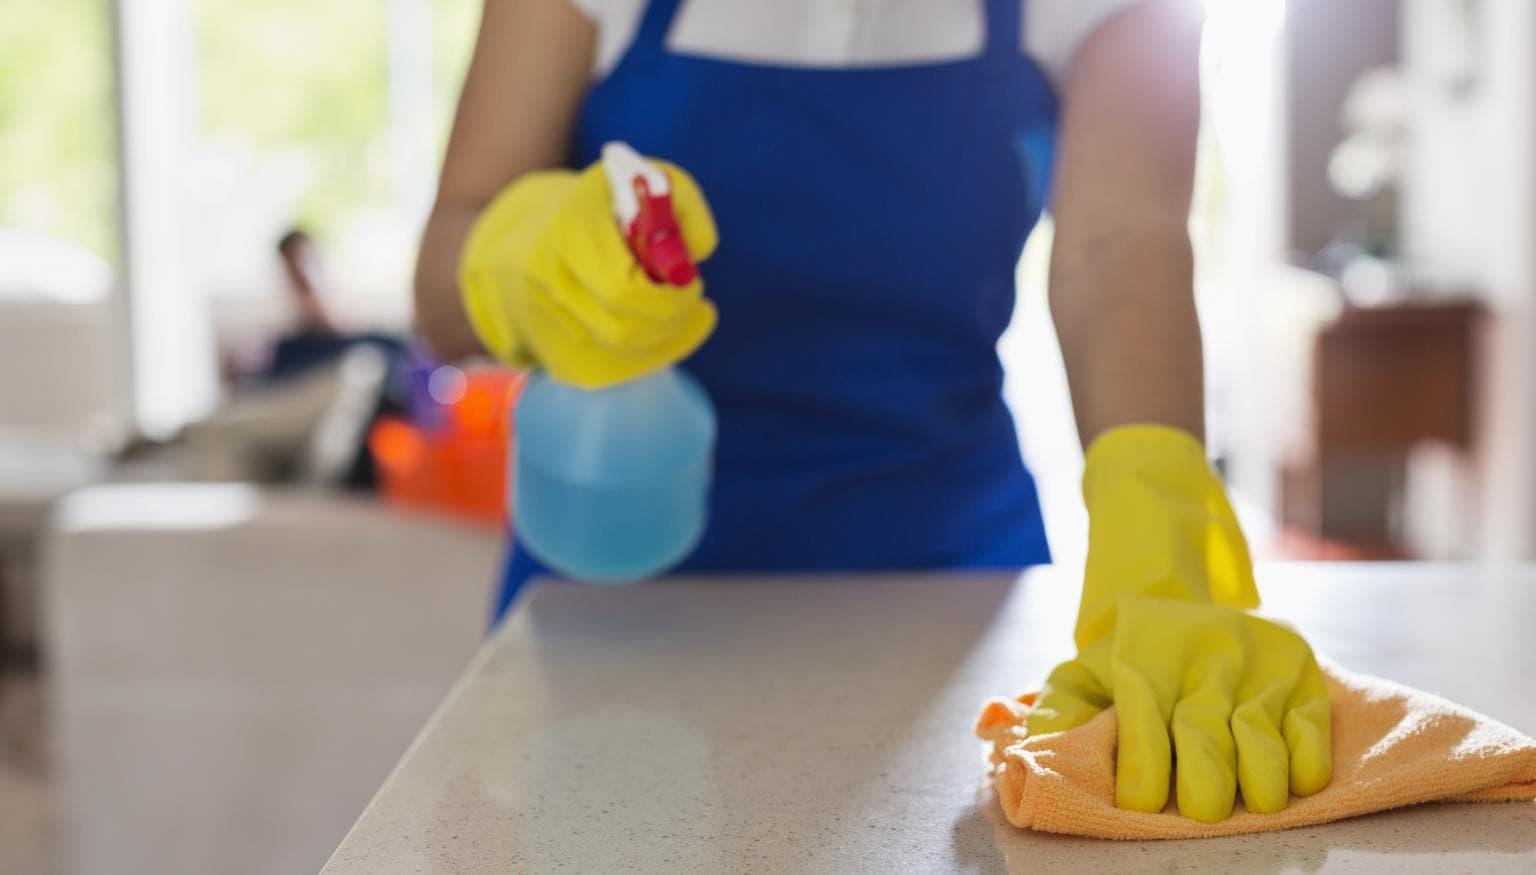 TRUCURI UTILE pentru gospodine! Balsamul de rufe îți face casa să strălucească de curățenie